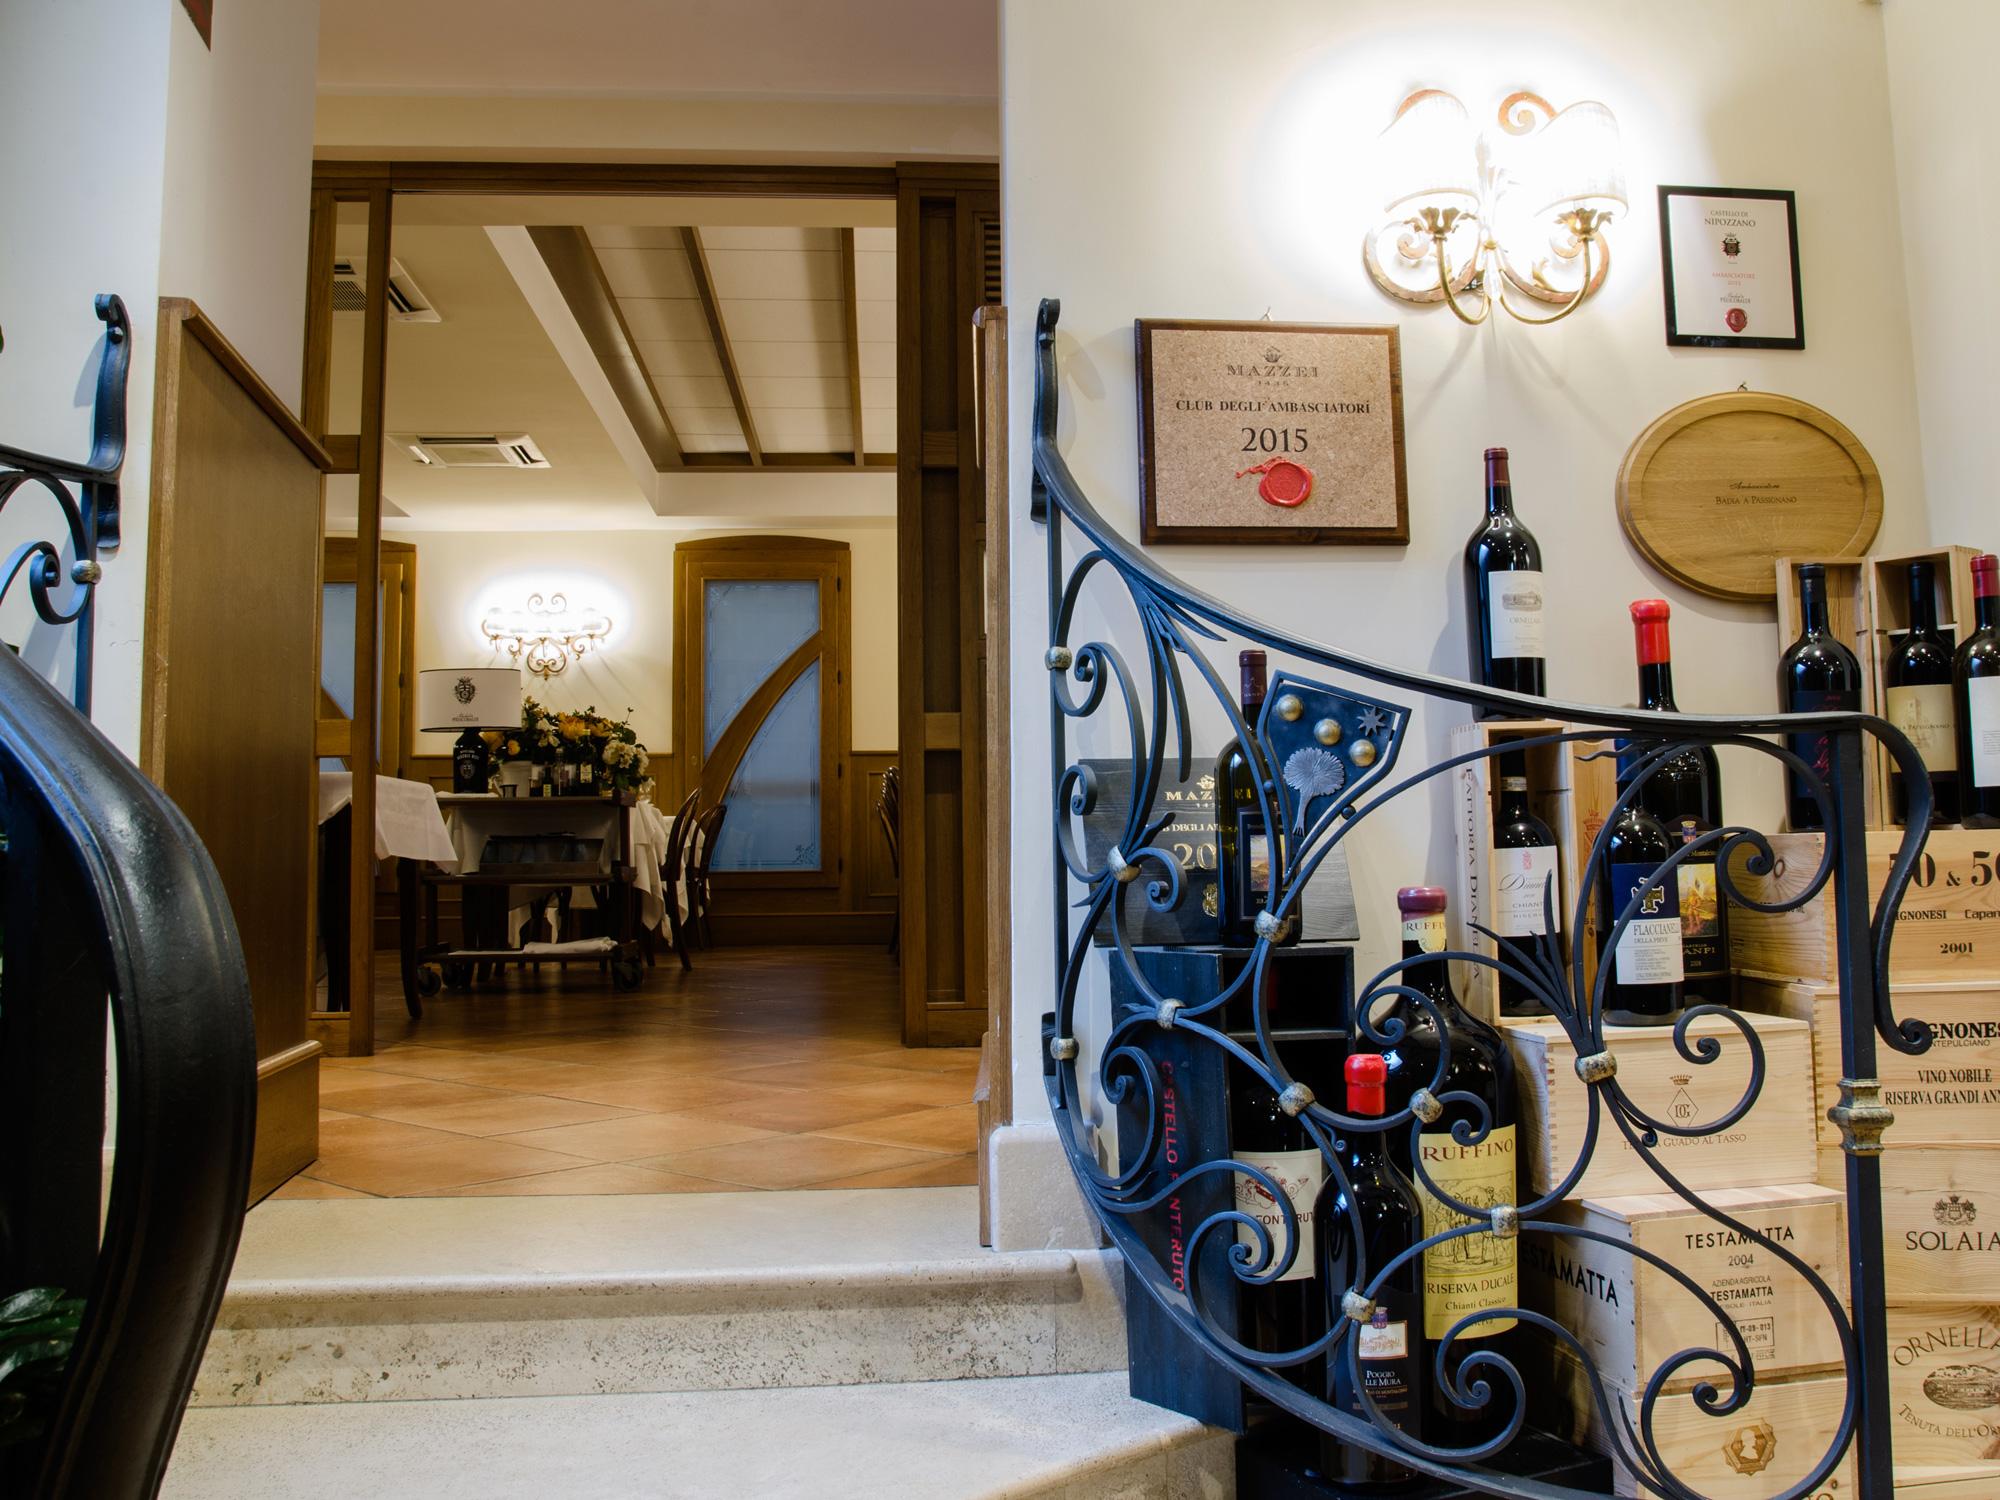 Casa Coppola Roma Rm ristorante dal toscano   ristorante carne roma   migliori